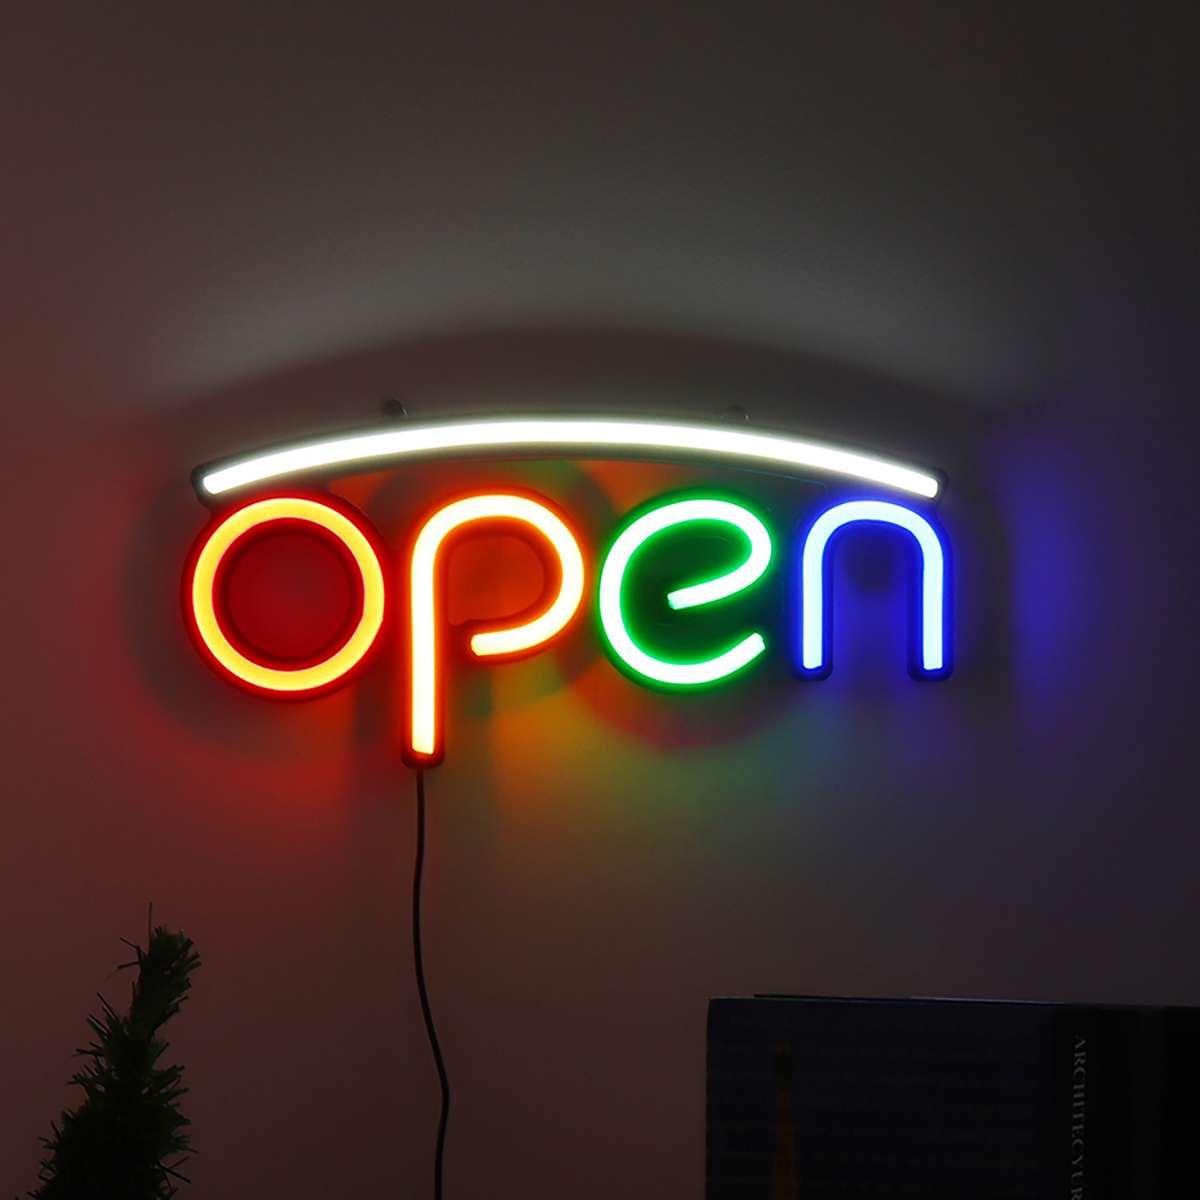 فتح النيون تسجيل ضوء 100-240 فولت بار حانة ليلة ضوء الجدار مصباح إضاءة داخلية علامات الإعلان الاتحاد الأوروبي التوصيل غرفة المنزل الديكور